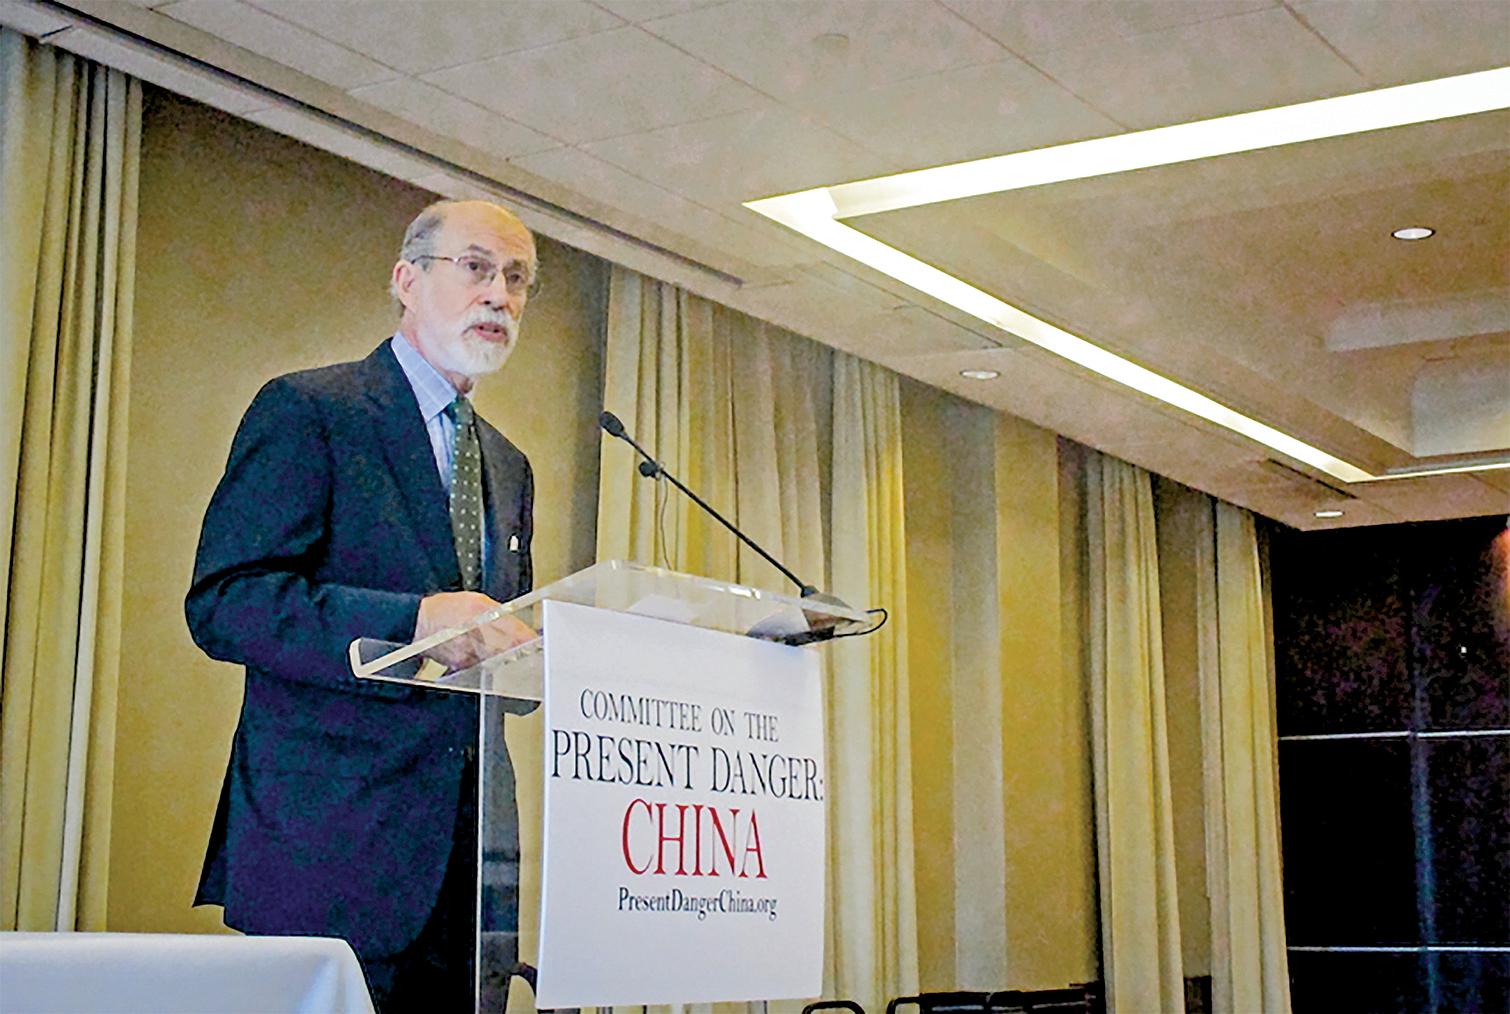 美國「應對中共當前危險委員會」(Committee on the Present Danger: China)副主席、列根總統政府時期的國防部代理助理部長蓋夫尼(Frank Gaffney)。(李辰/大紀元)